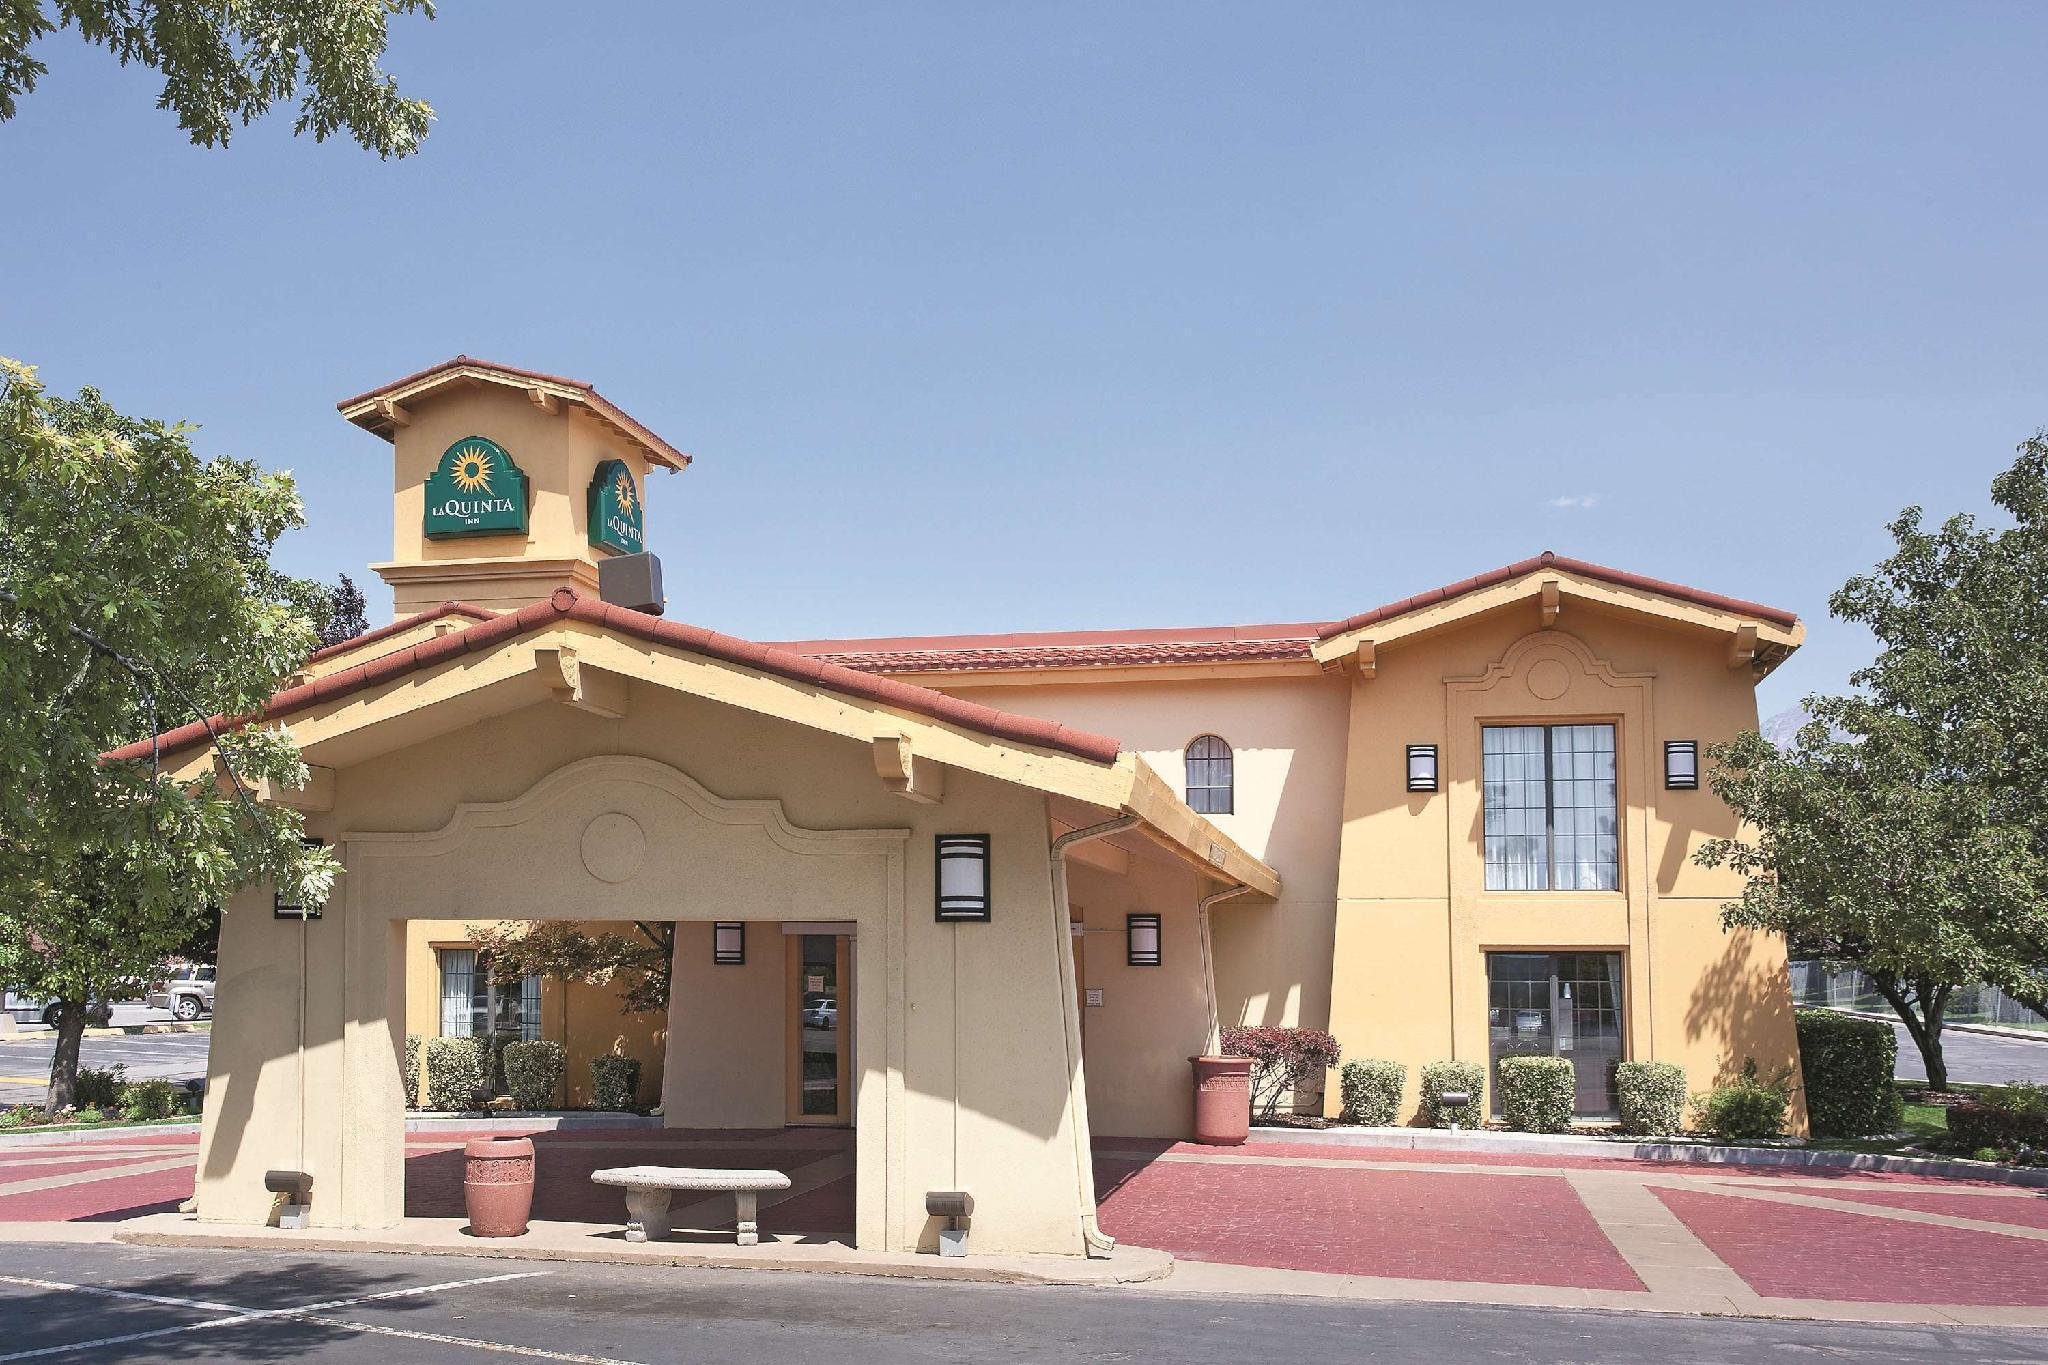 La Quinta Inn by Wyndham Salt Lake City Midvale, Salt Lake